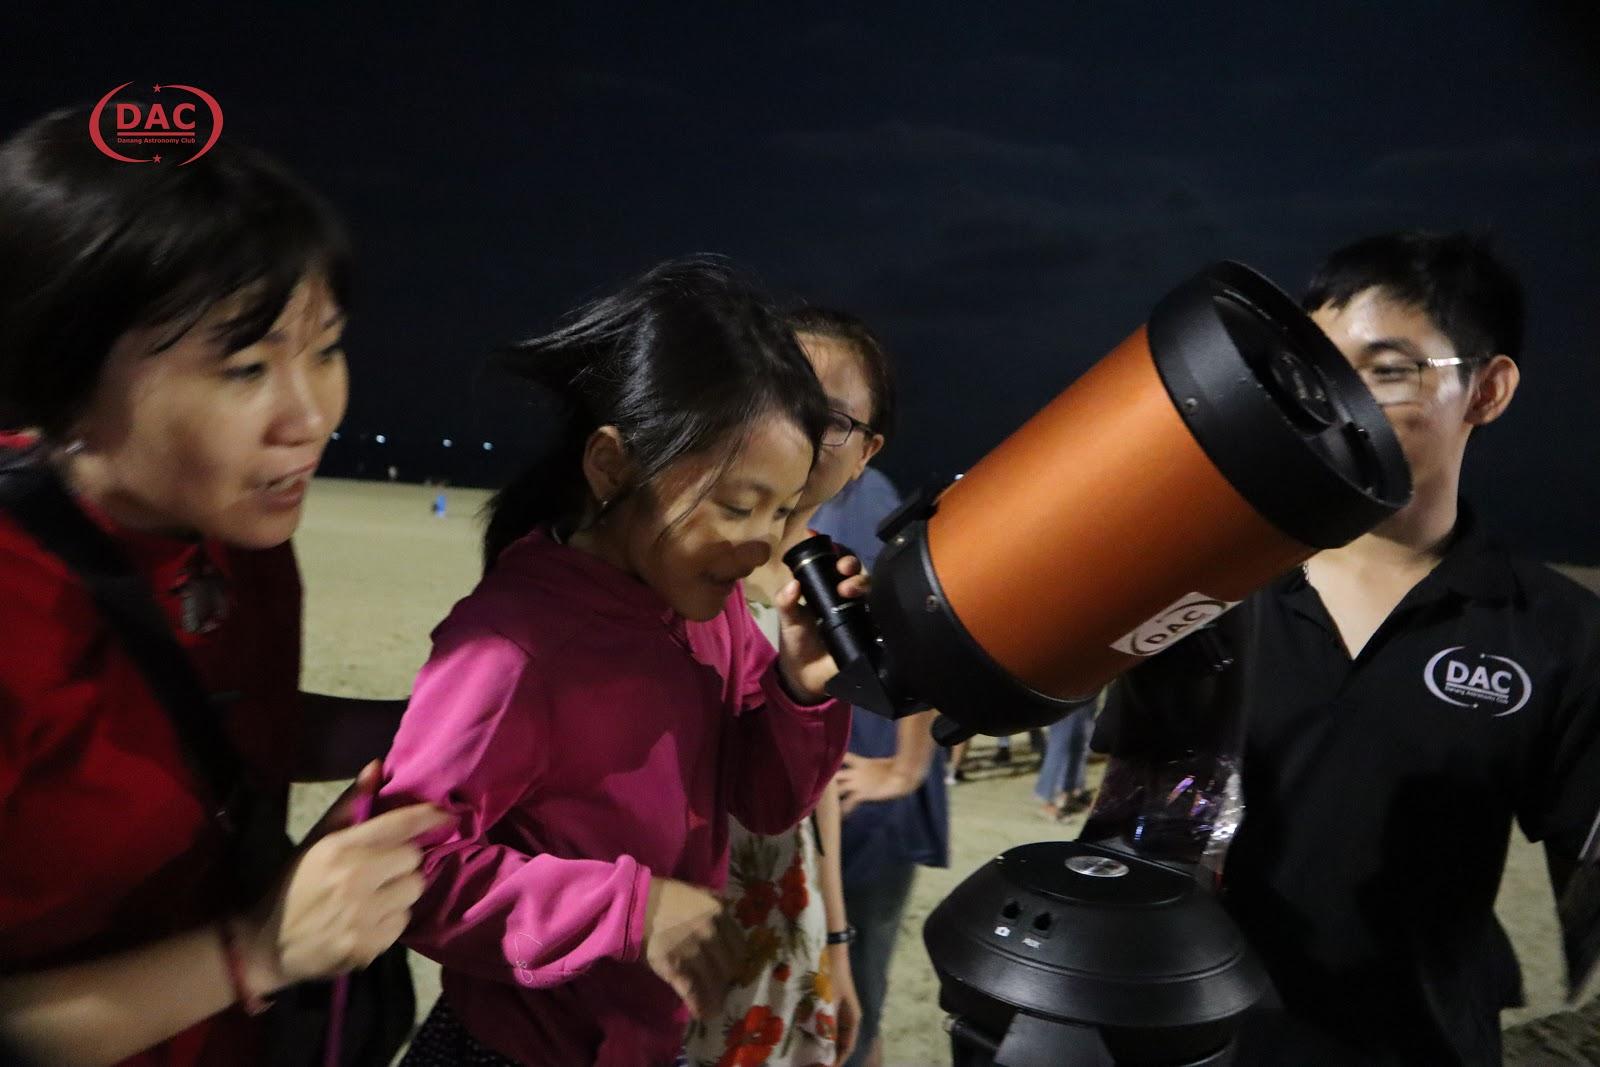 Trung Thu với DAC tại Công Viên Biển Đông - bihBcAkaUrlBZMqxoW88AsHuKu7XdeXHjSyXgrall2HhQDslWTomA48qAgvz7d5t0MLyByaanYQICNSqBL2VYSdHqvo7Nh8ClIeGHdgdT3Xm1 BwsgHVfCQhSw2XB3TT egQScUJ / Thiên văn học Đà Nẵng